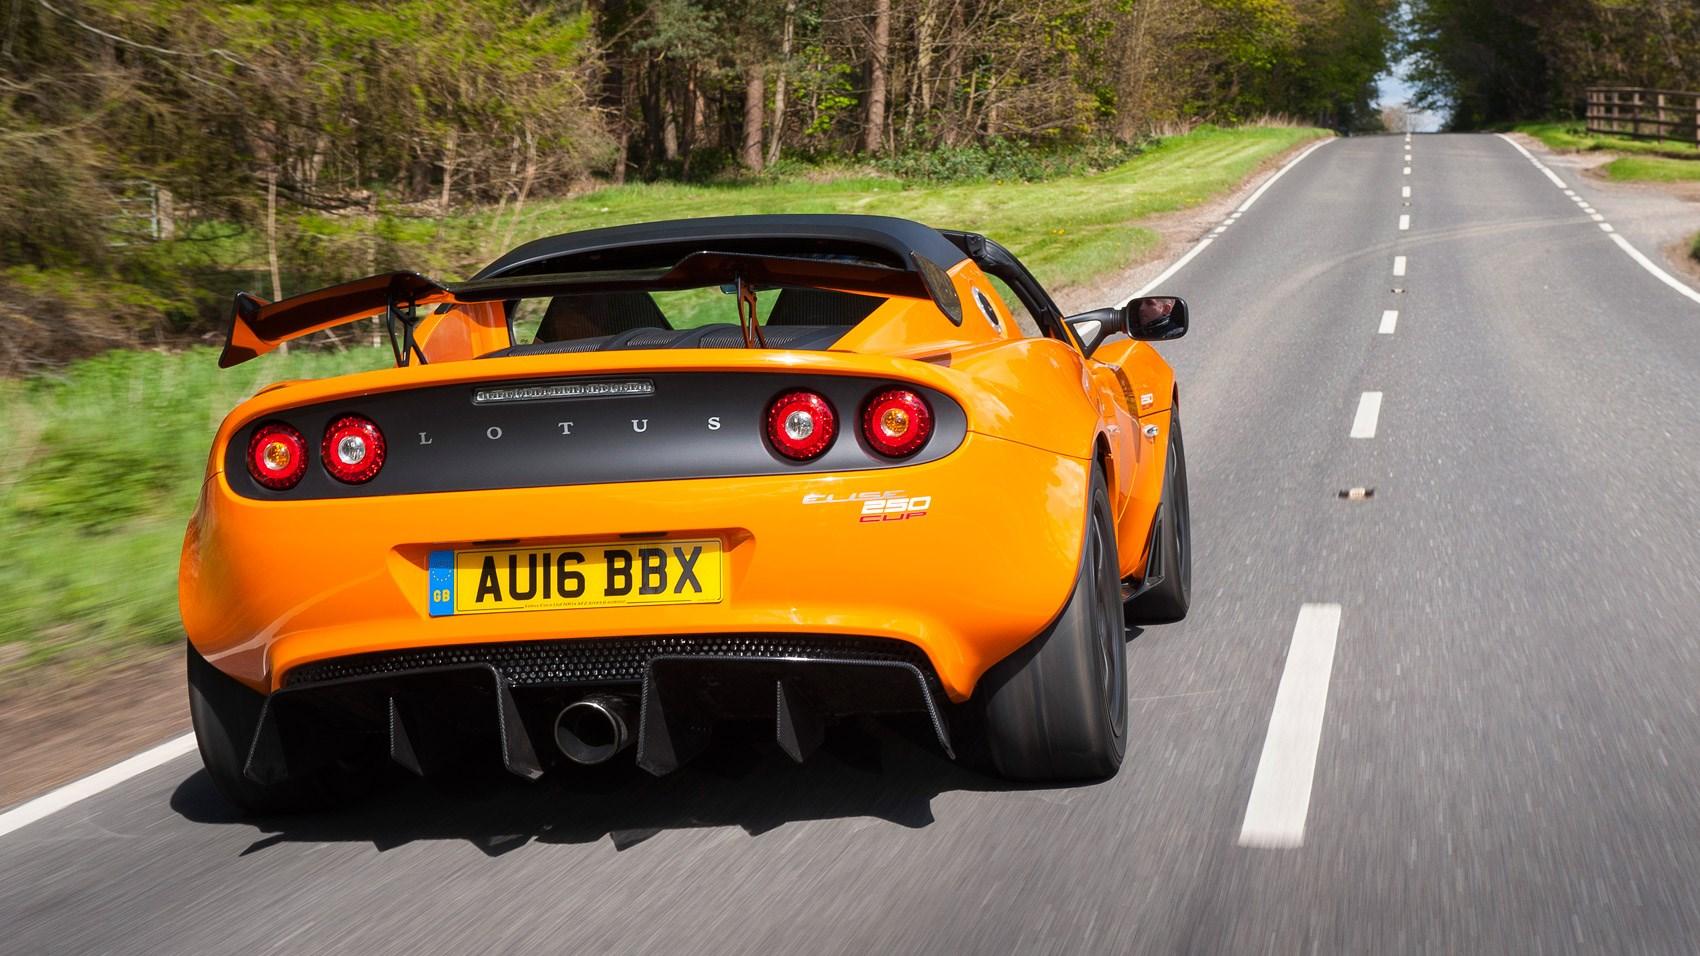 El nuevo Lotus Elise llegará en el año 2020: Seguirá manteniéndose por debajo de los 1000 kilogramos 2